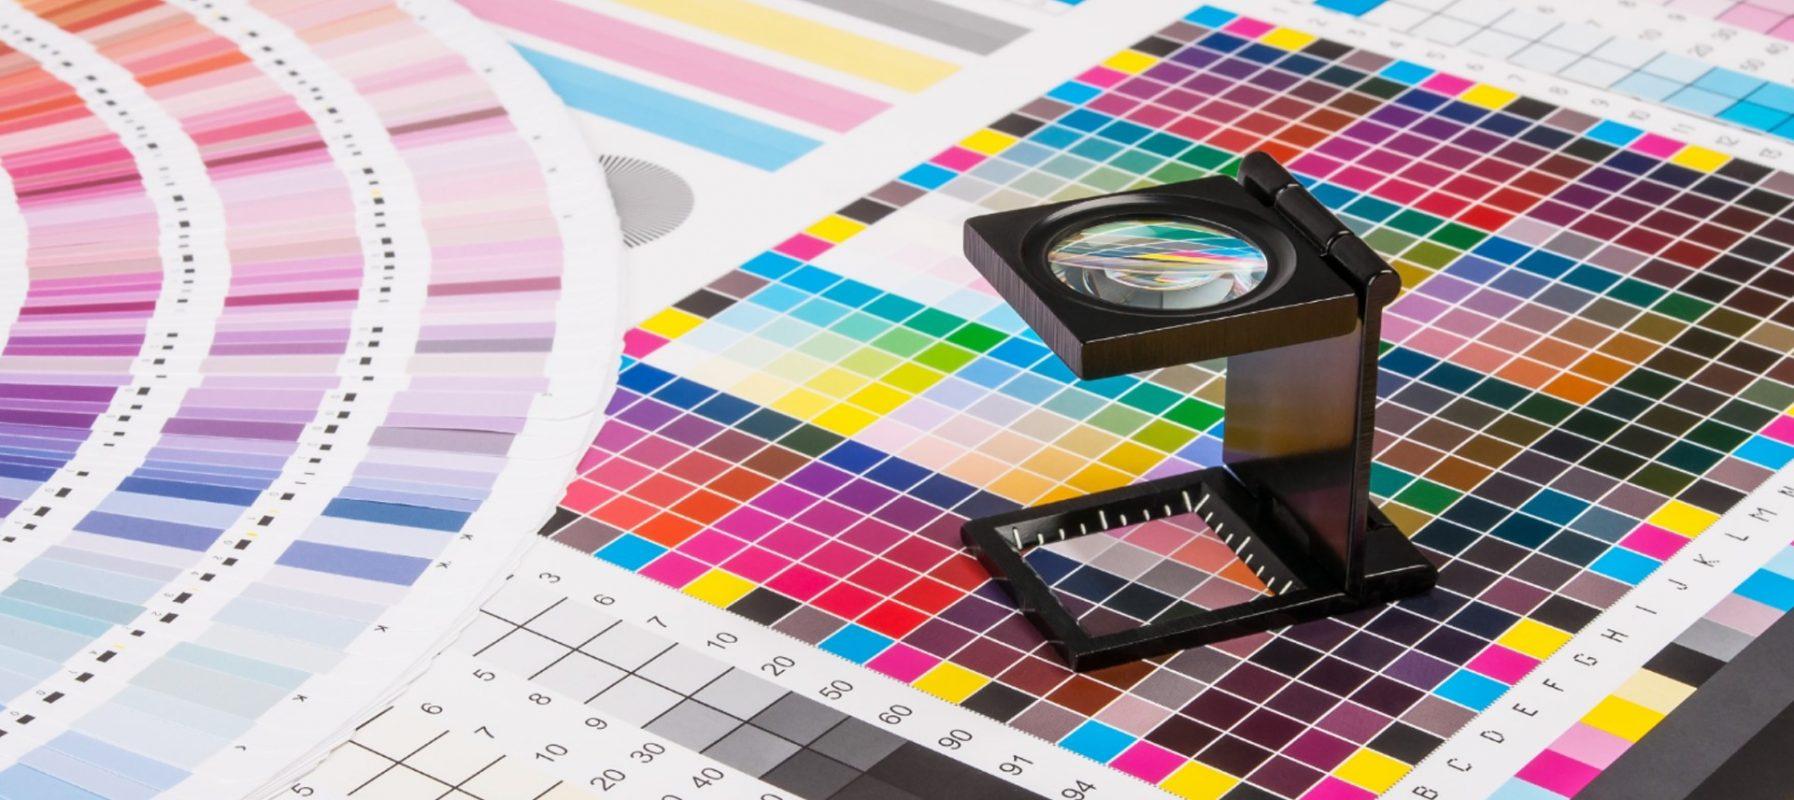 Статья. Значимость допечатной подготовки в печати этикетки